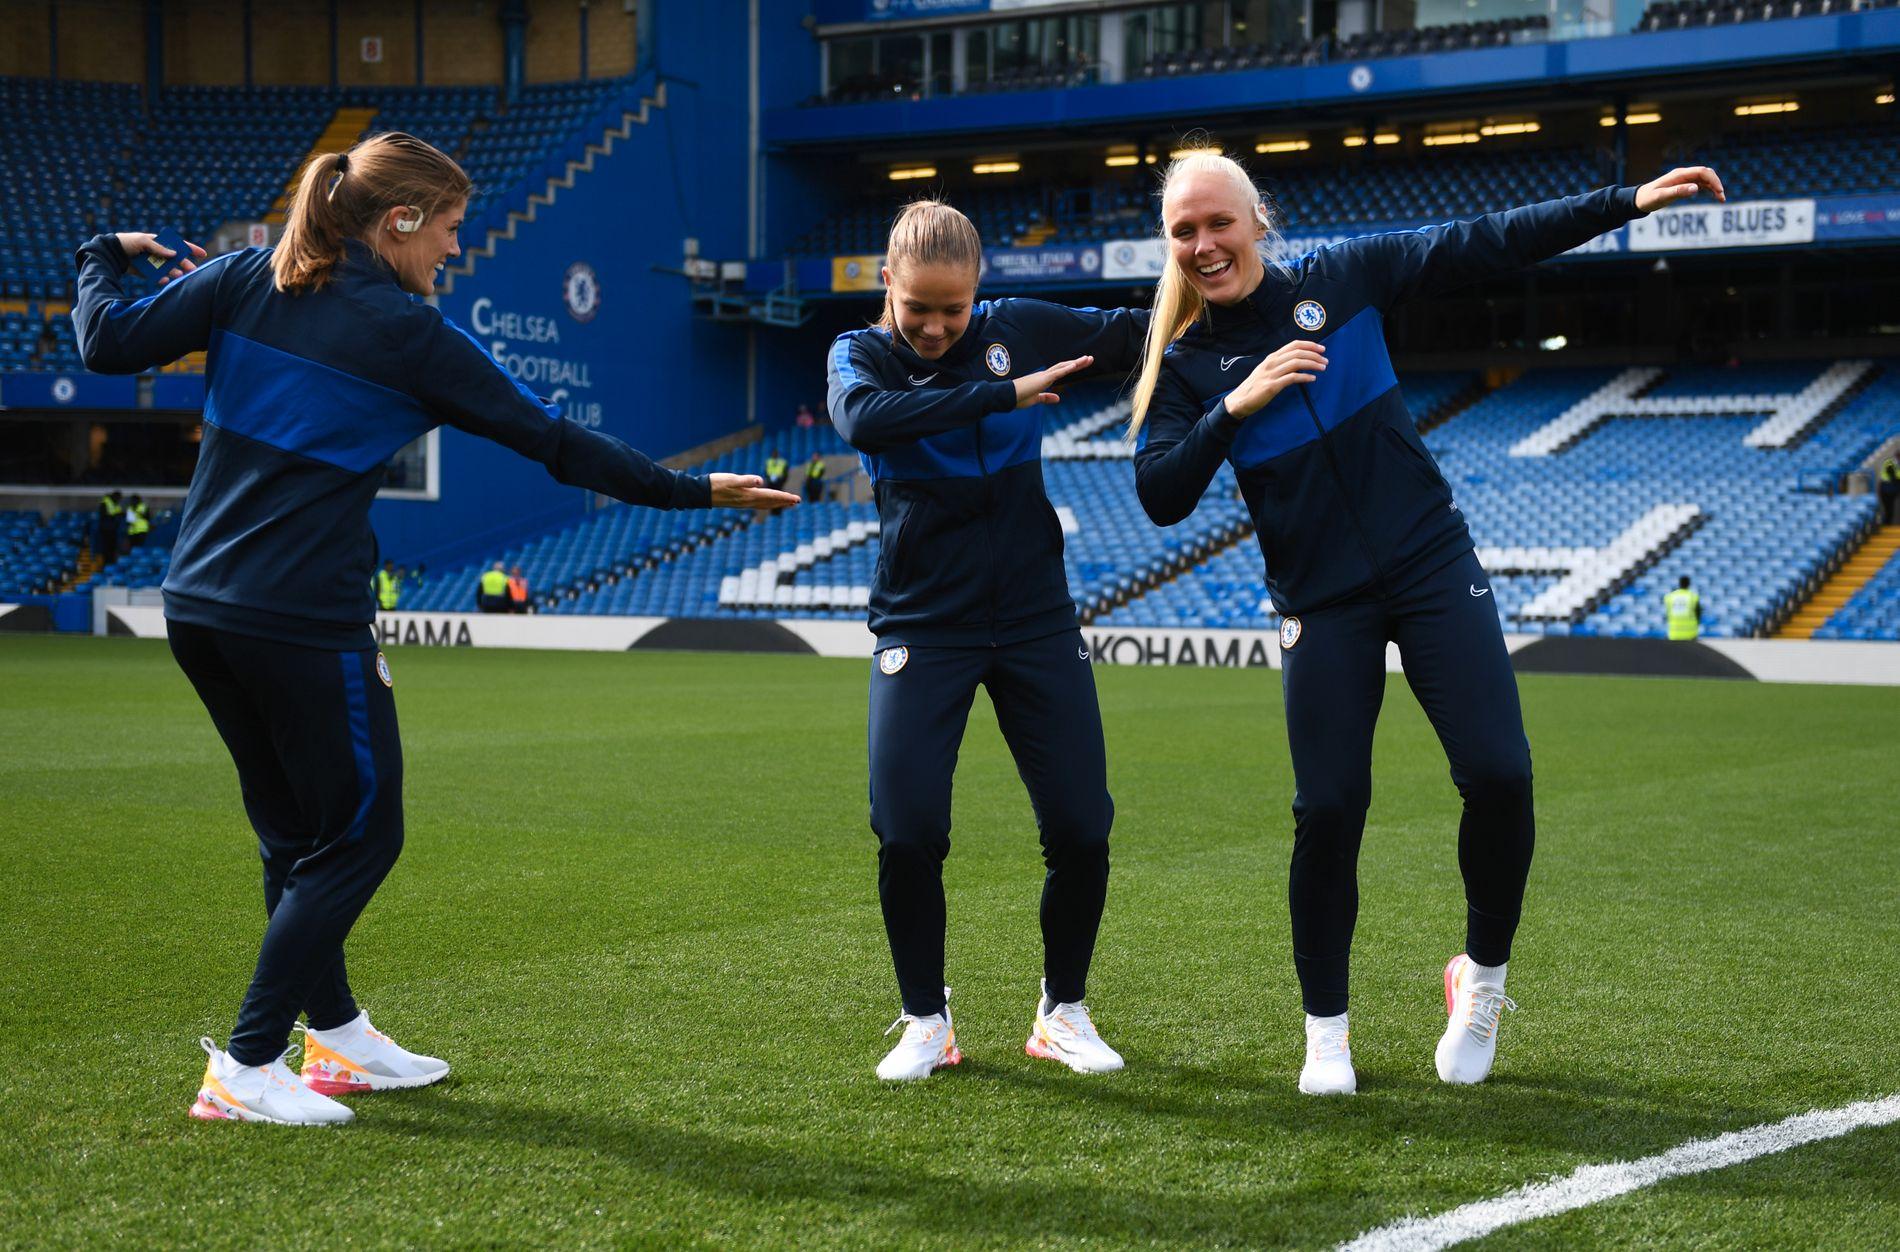 POPULÆRE: Den norske Chelsea-trioen Maren Mjelde, Guro Reiten og Maria Thorisdottir «dabber» før avspark mot Tottenham. De kunne også smile for seier foran nesten 25.000 tilskuere etter kampen.